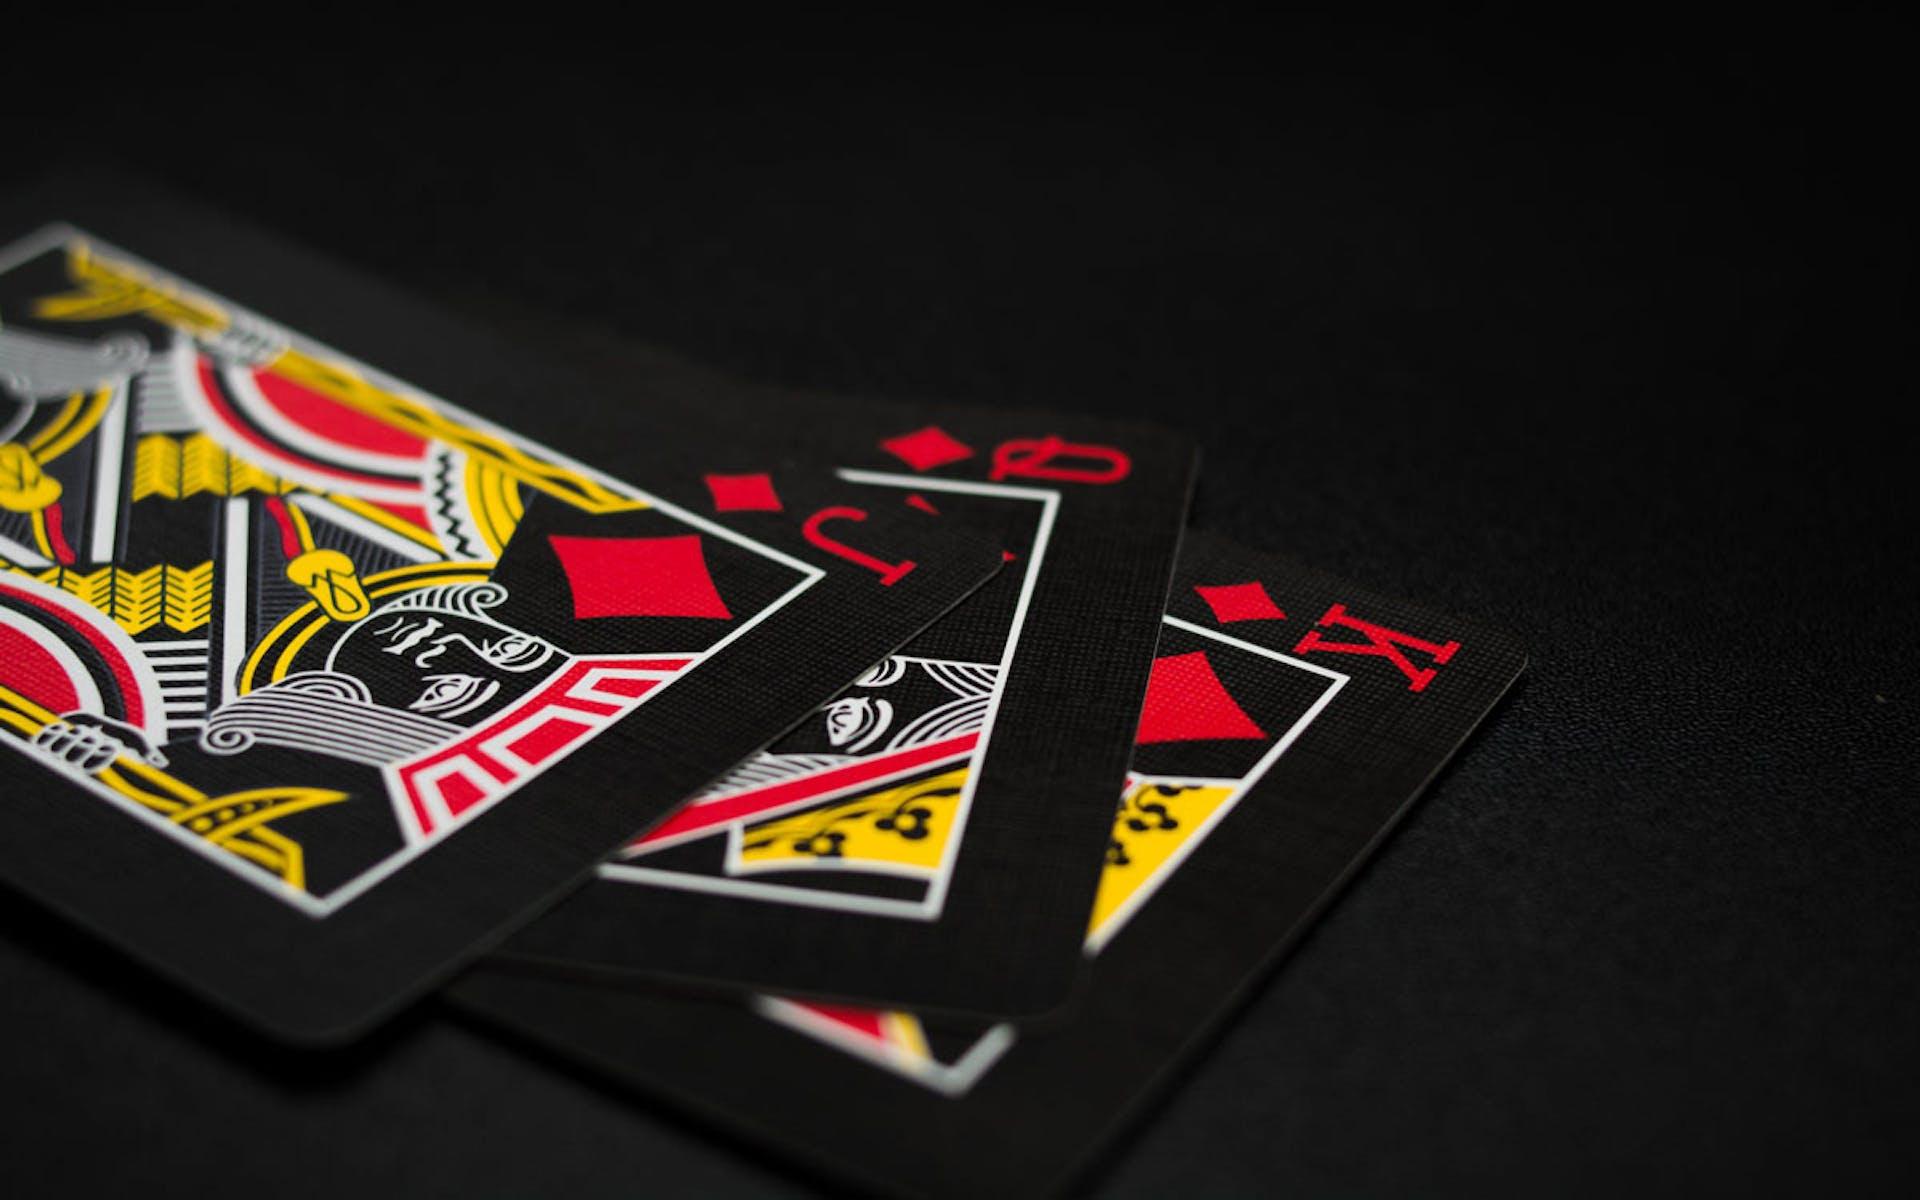 Cómo jugar poker al nivel de los expertos: consejos avanzados